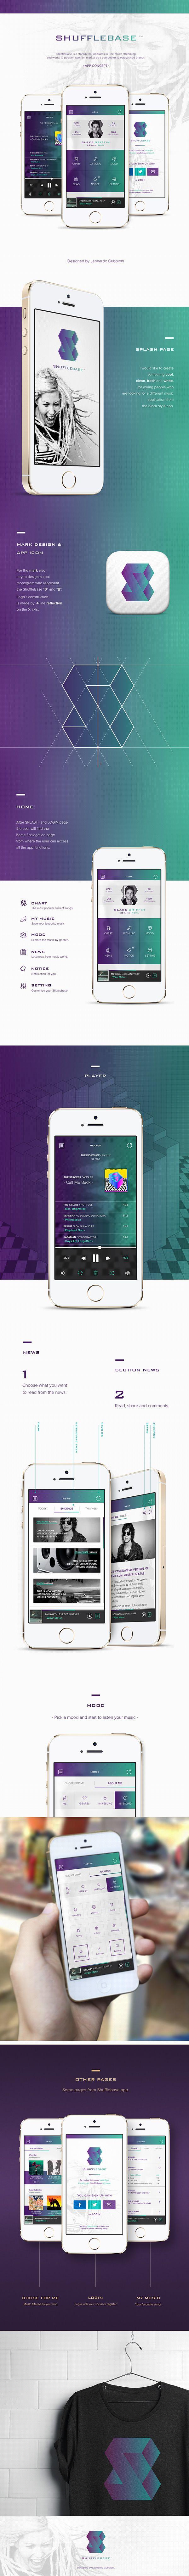 Shufflebase | Music App Concept on App Design Served